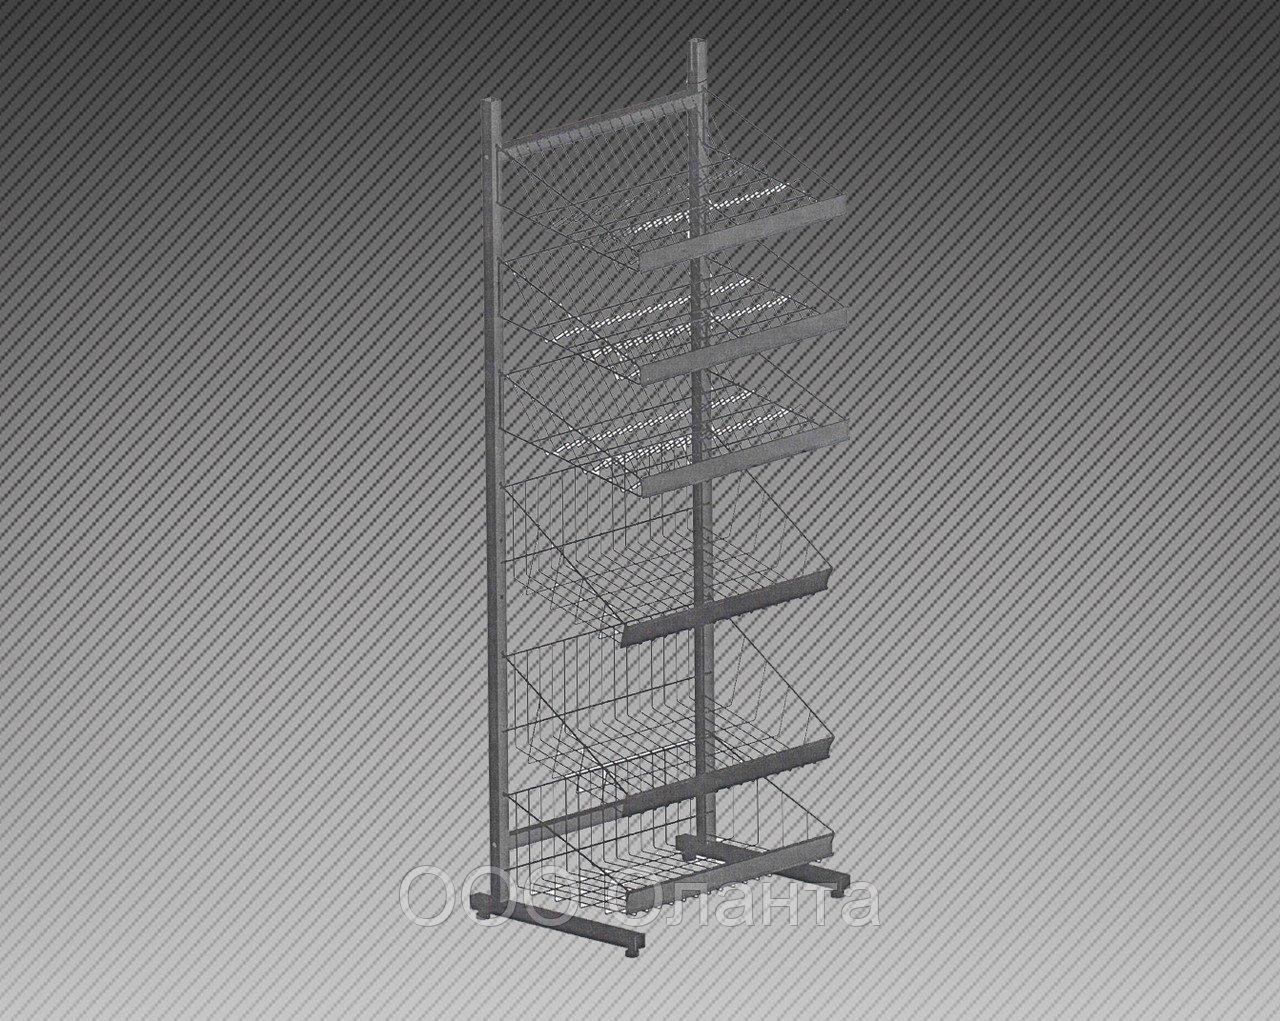 Прикассовая стойка на 6 корзин и 6 полок под шоколад (400х800х1800 мм) арт. СтПр96